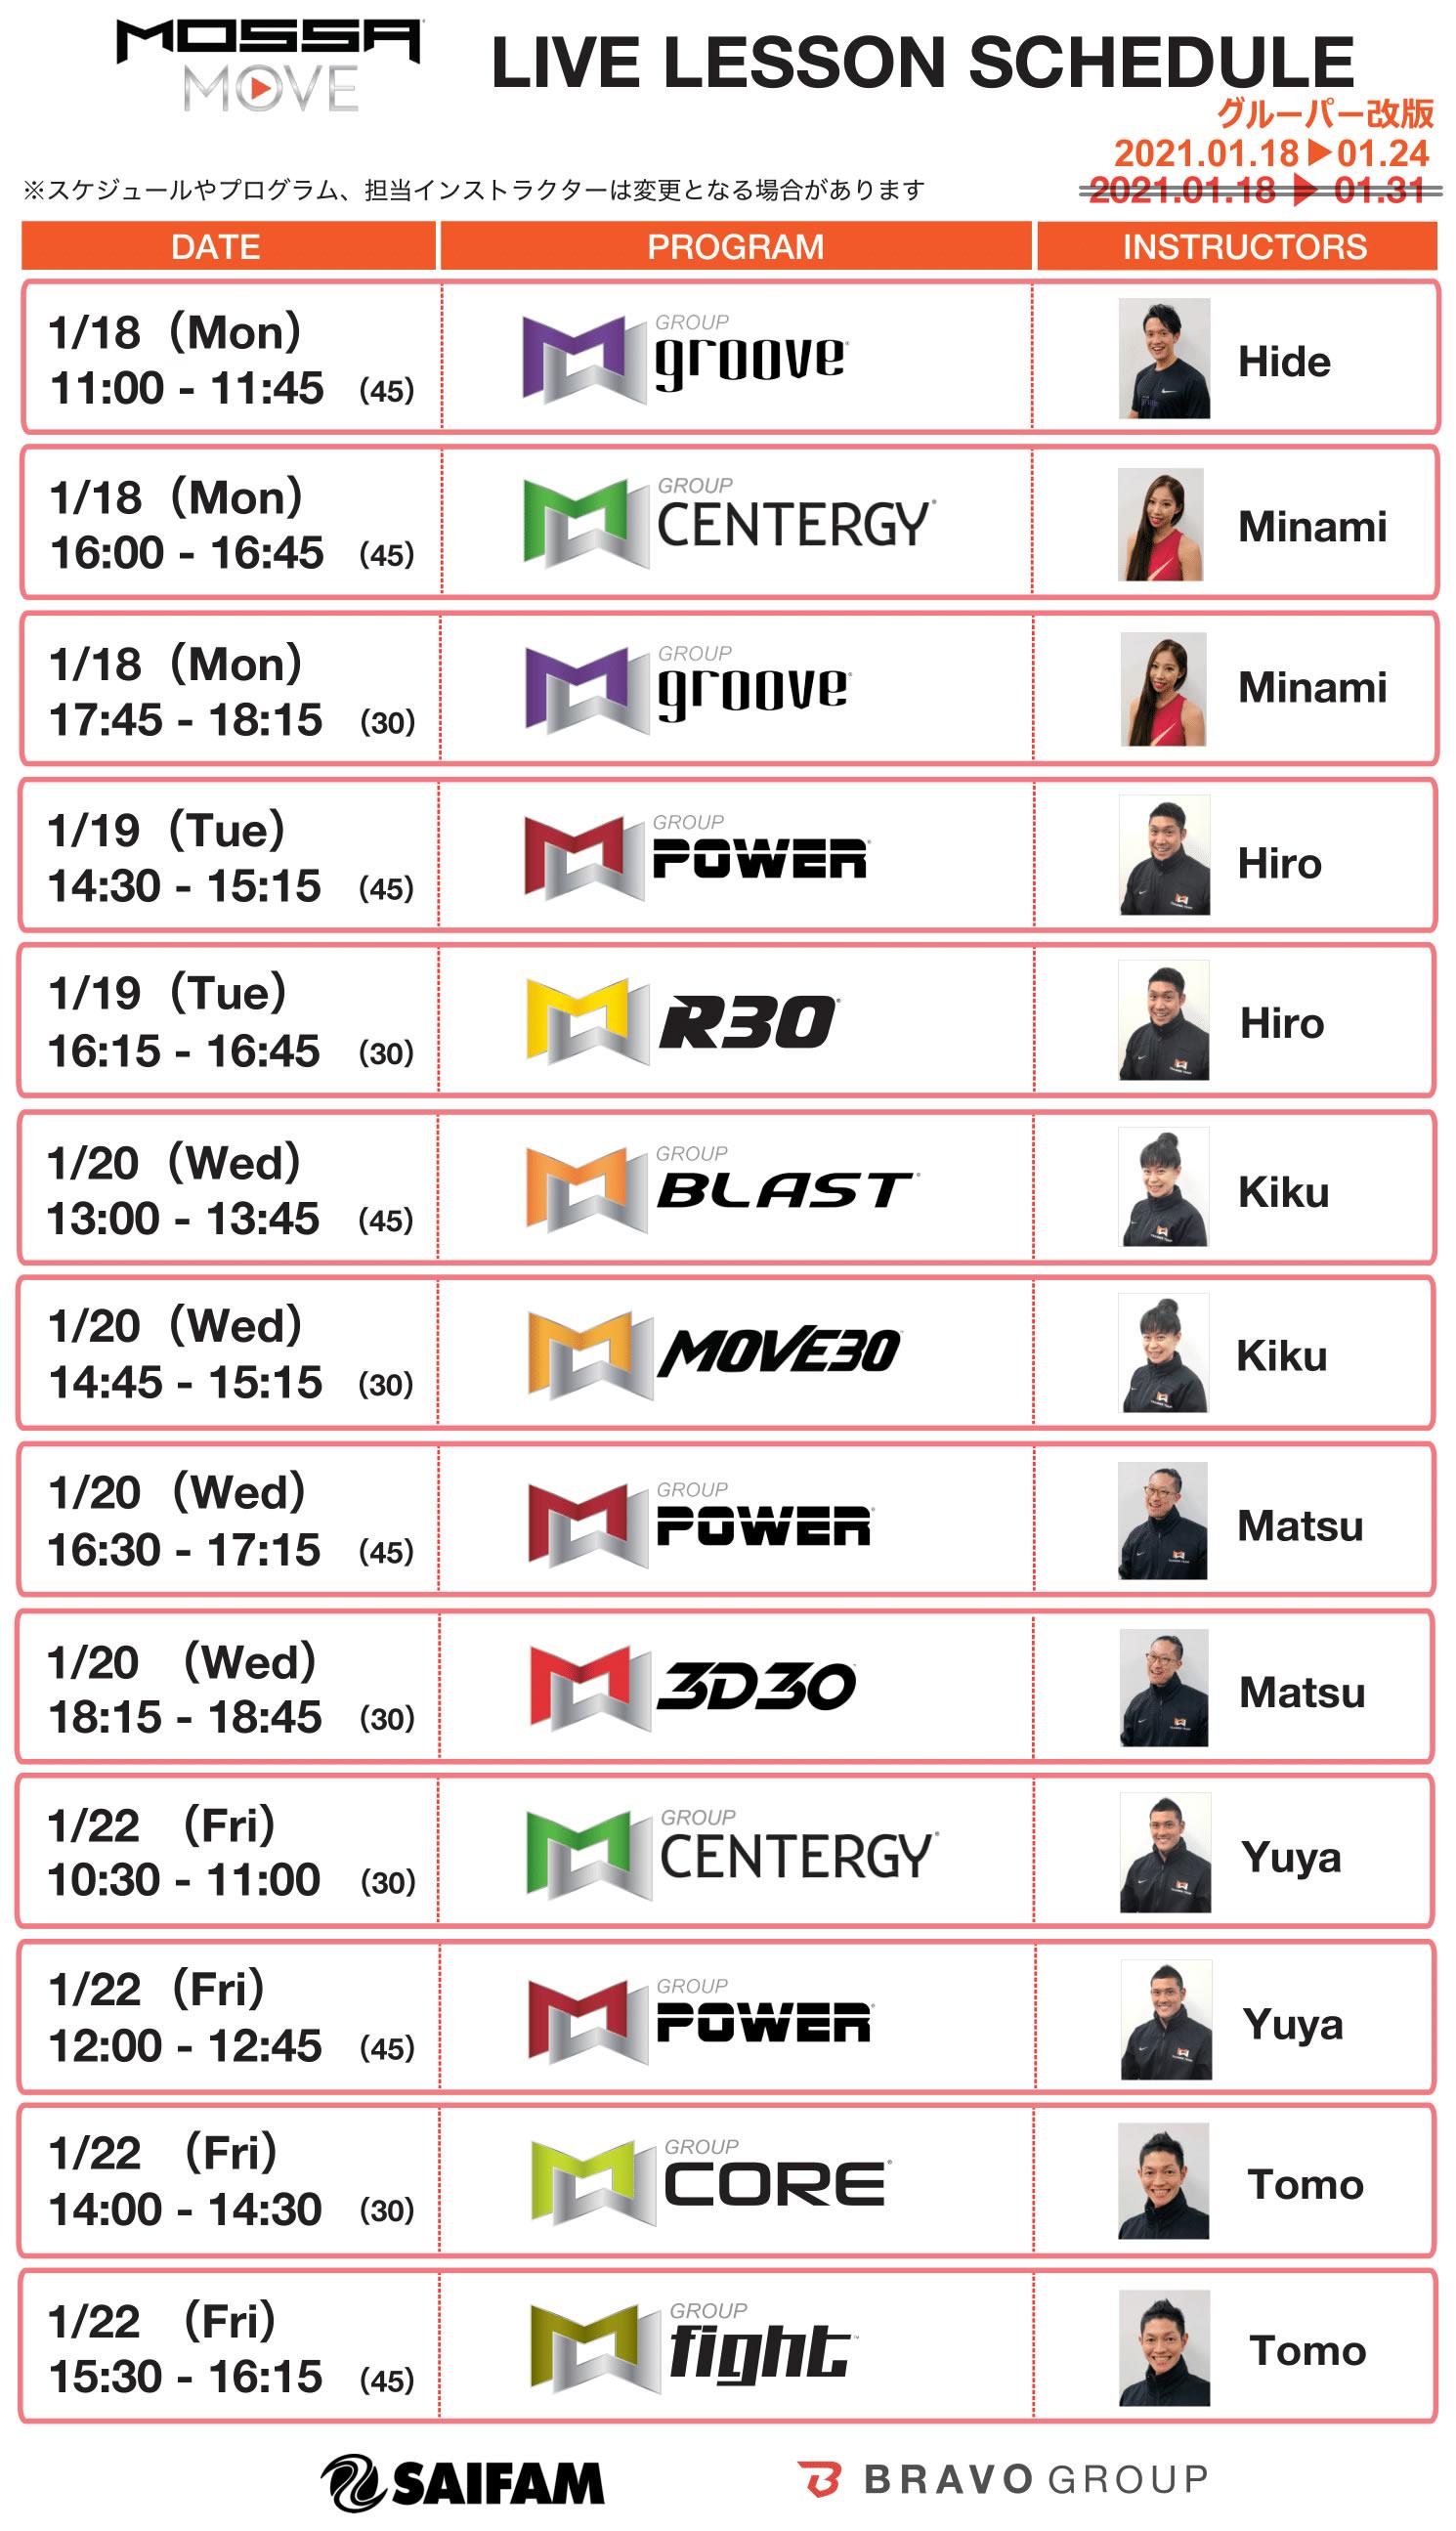 【更新版:MOSSA MOVE 1月18-24ライブ配信スケジュール】